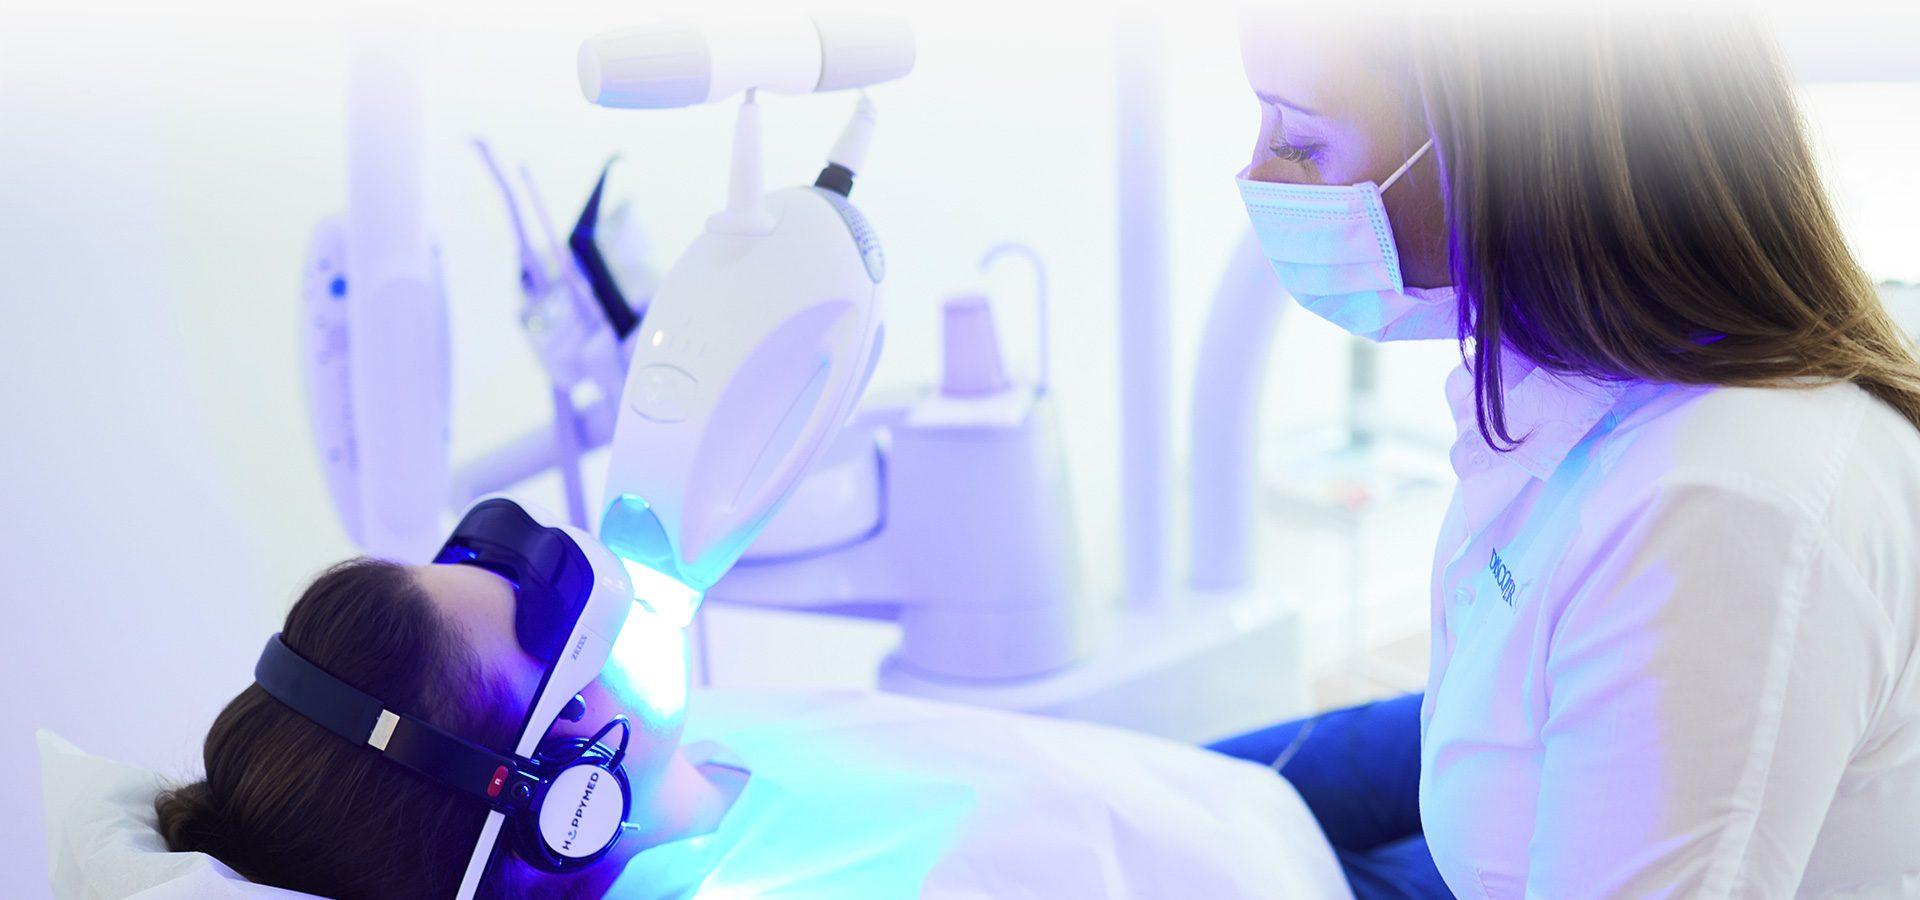 Schöne, weisse Zähne durch professionelle Zahnaufhellung. Gönnen Sie sich ein strahlendes Lächeln mit Discover White in Düsseldorf!